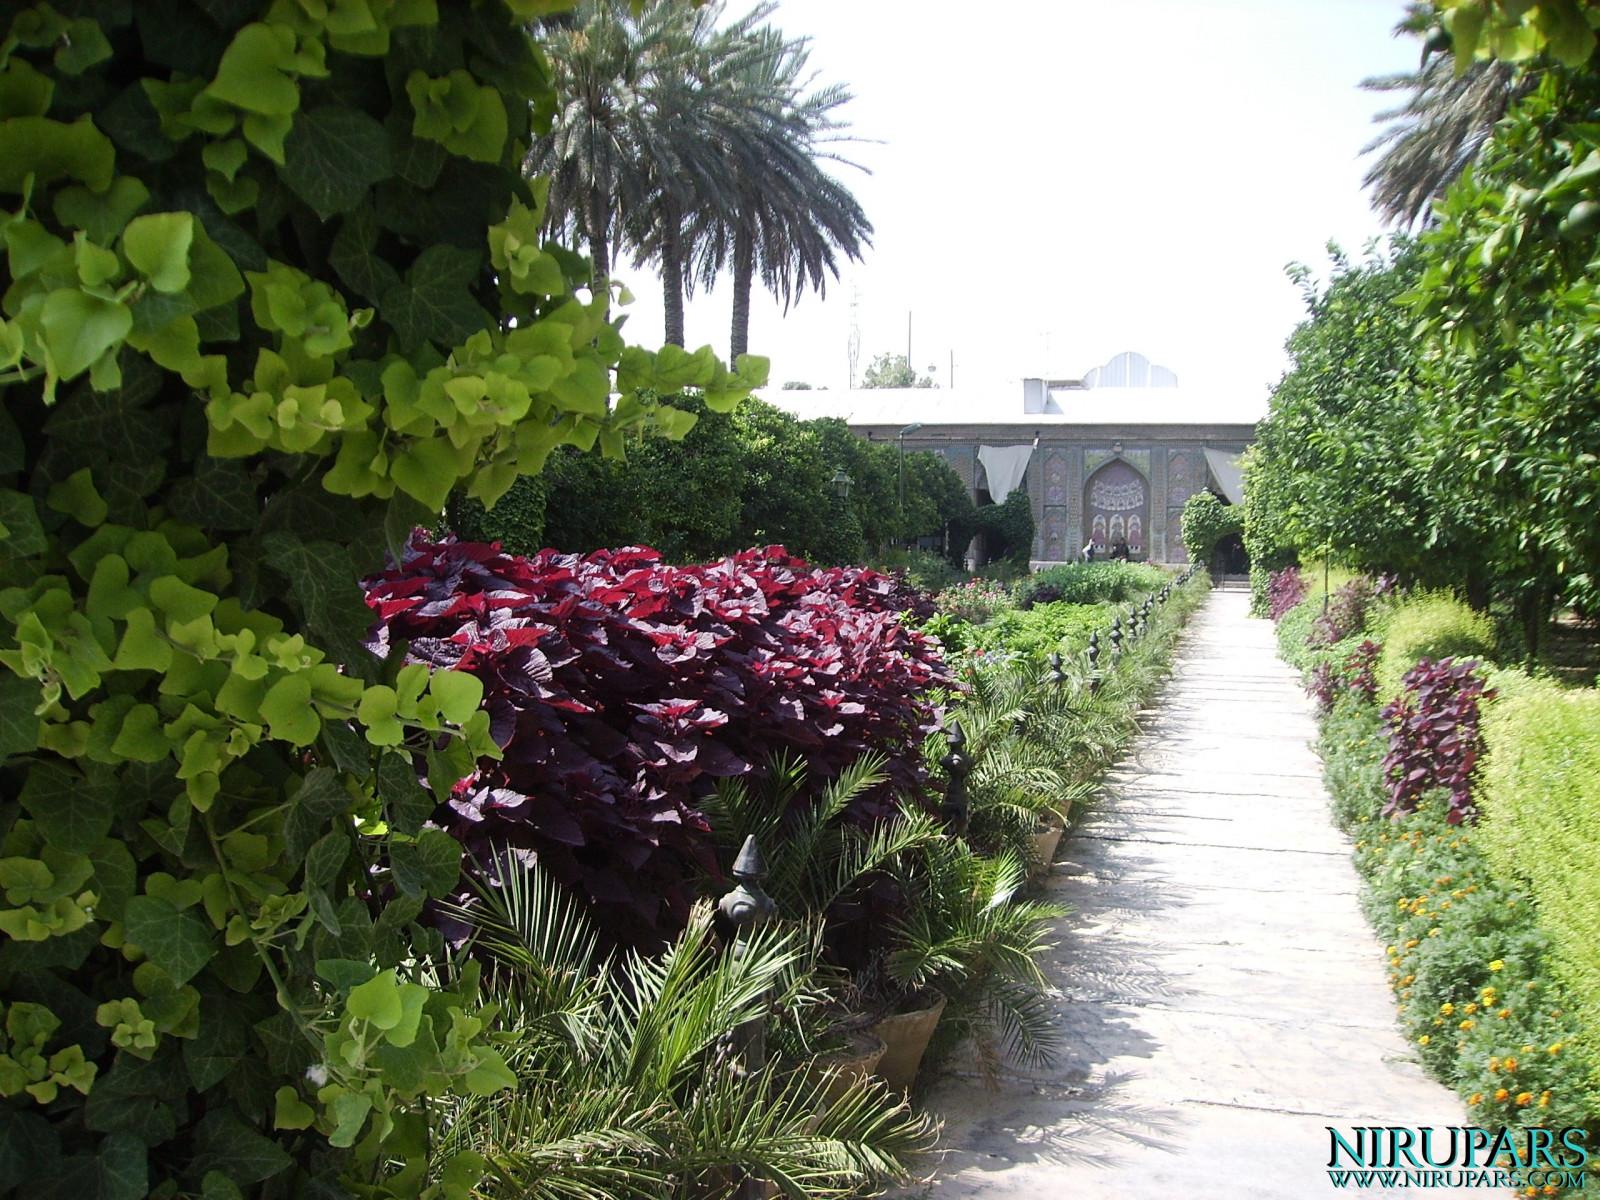 Naranjestan-e Qavam - Garden